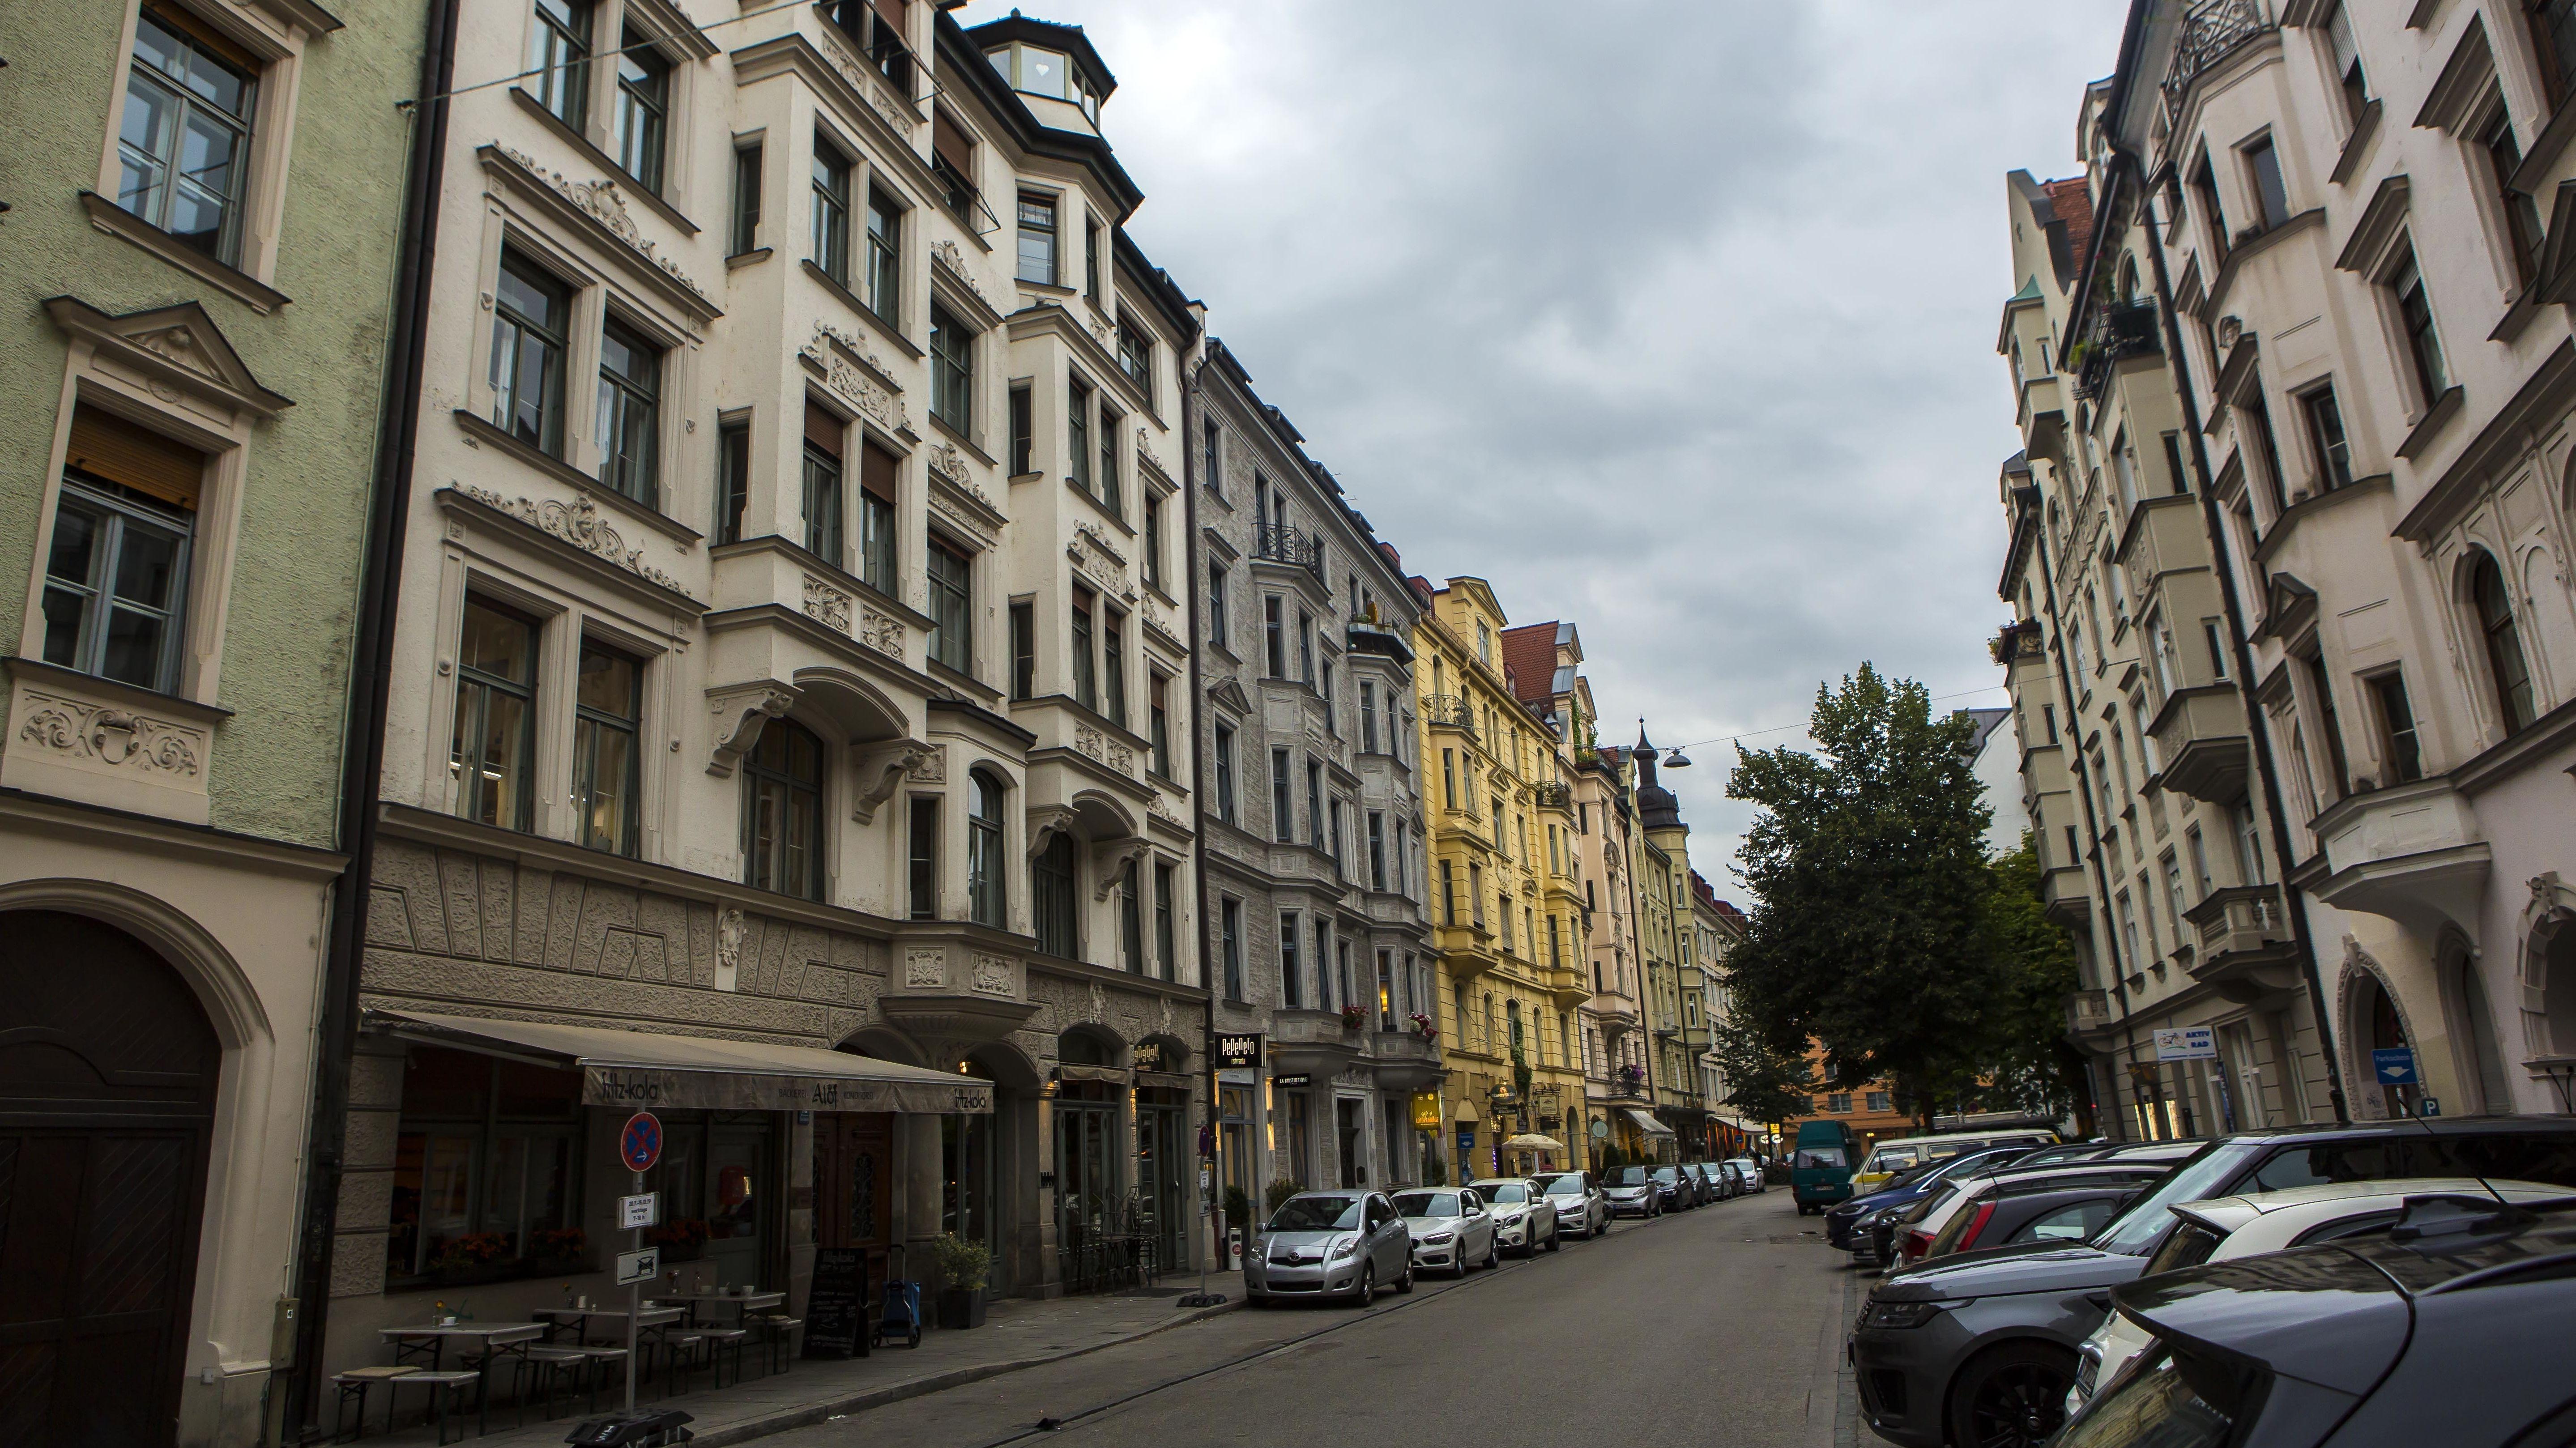 Häuser in der Hans-Sachs-Straße im Münchner Glockenbachviertel.